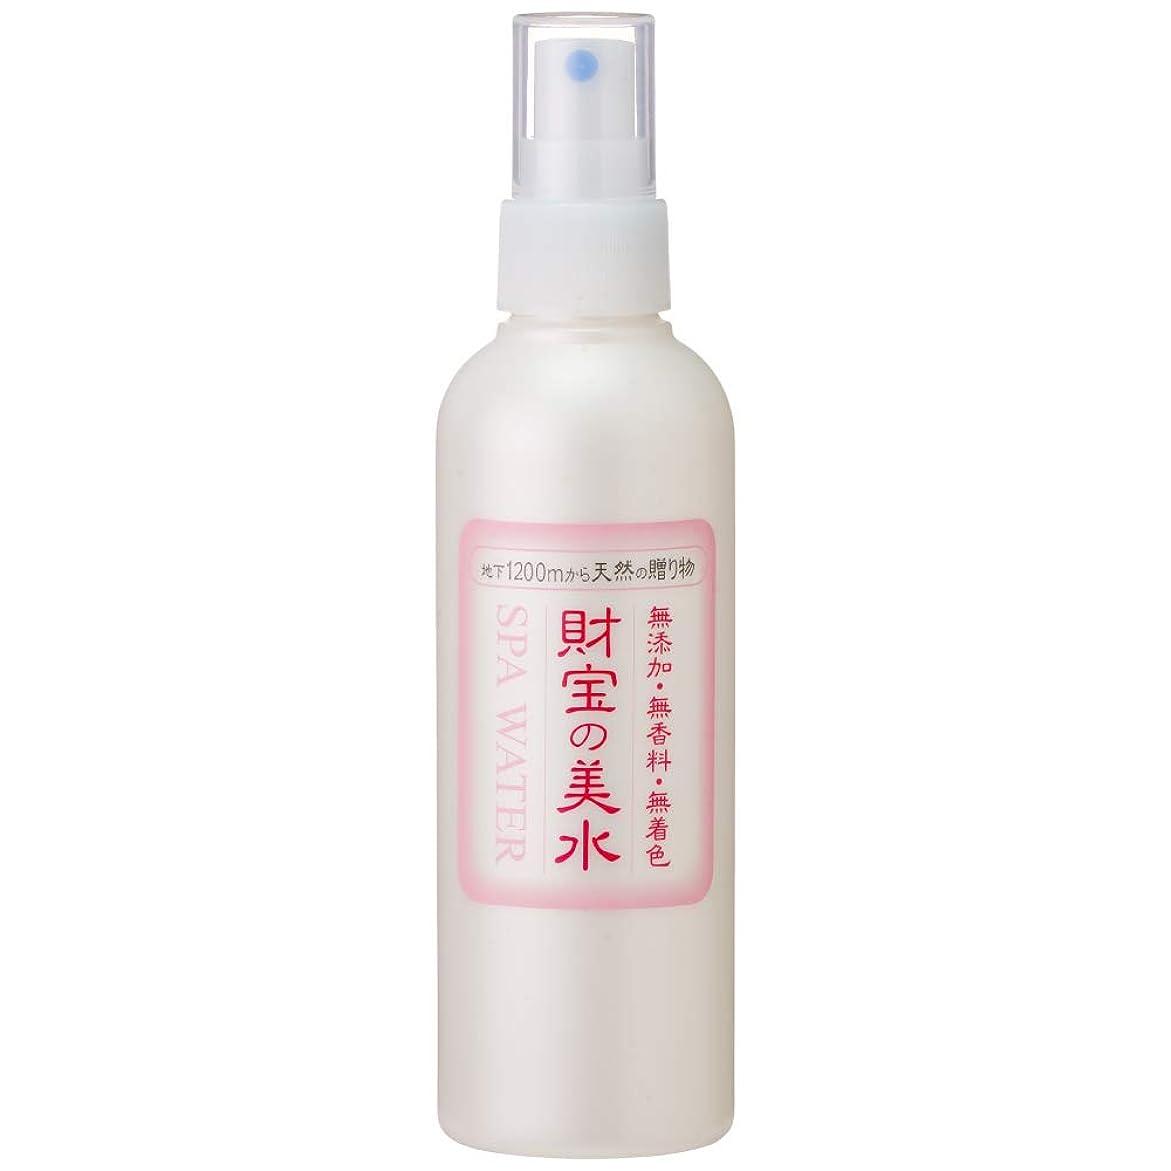 立場する必要がある魅了する財宝 温泉 美水 ミスト 化粧水 200ml